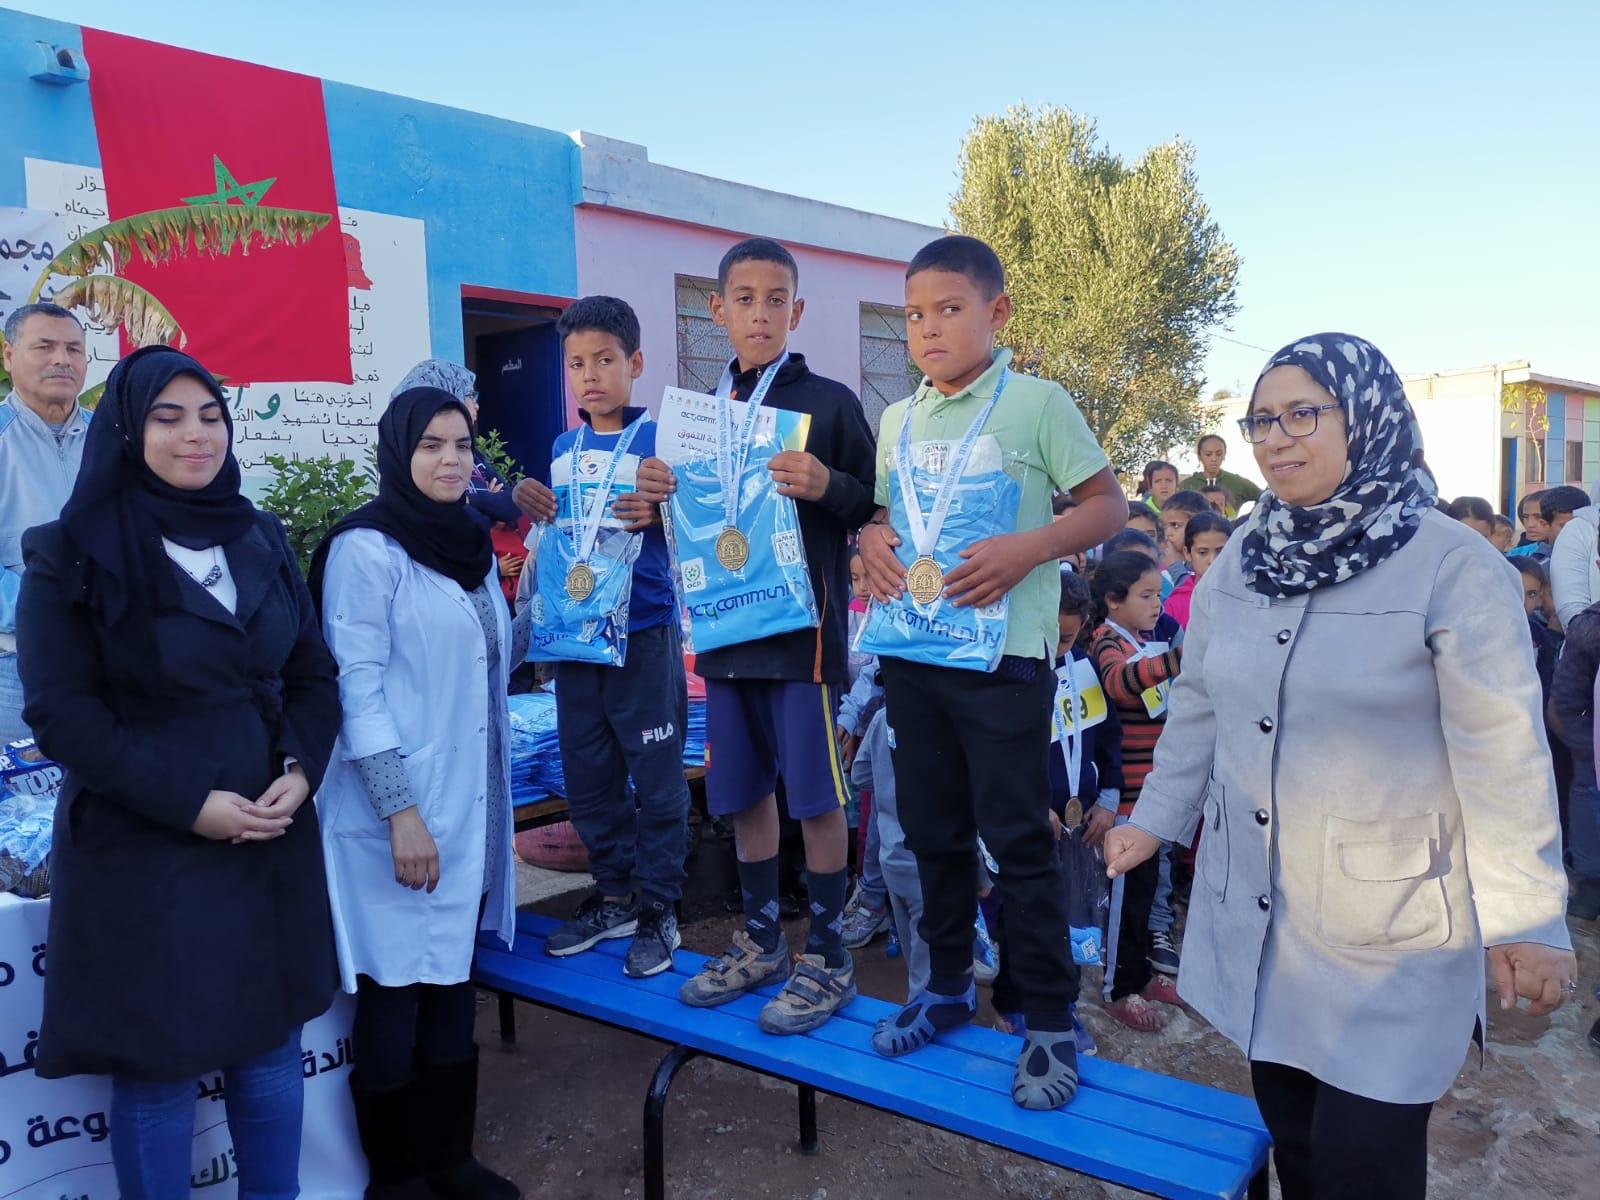 تنظيم سباق ترفيهي للتلاميذ بجماعة أولاد غانم لتشجيع الرياضة